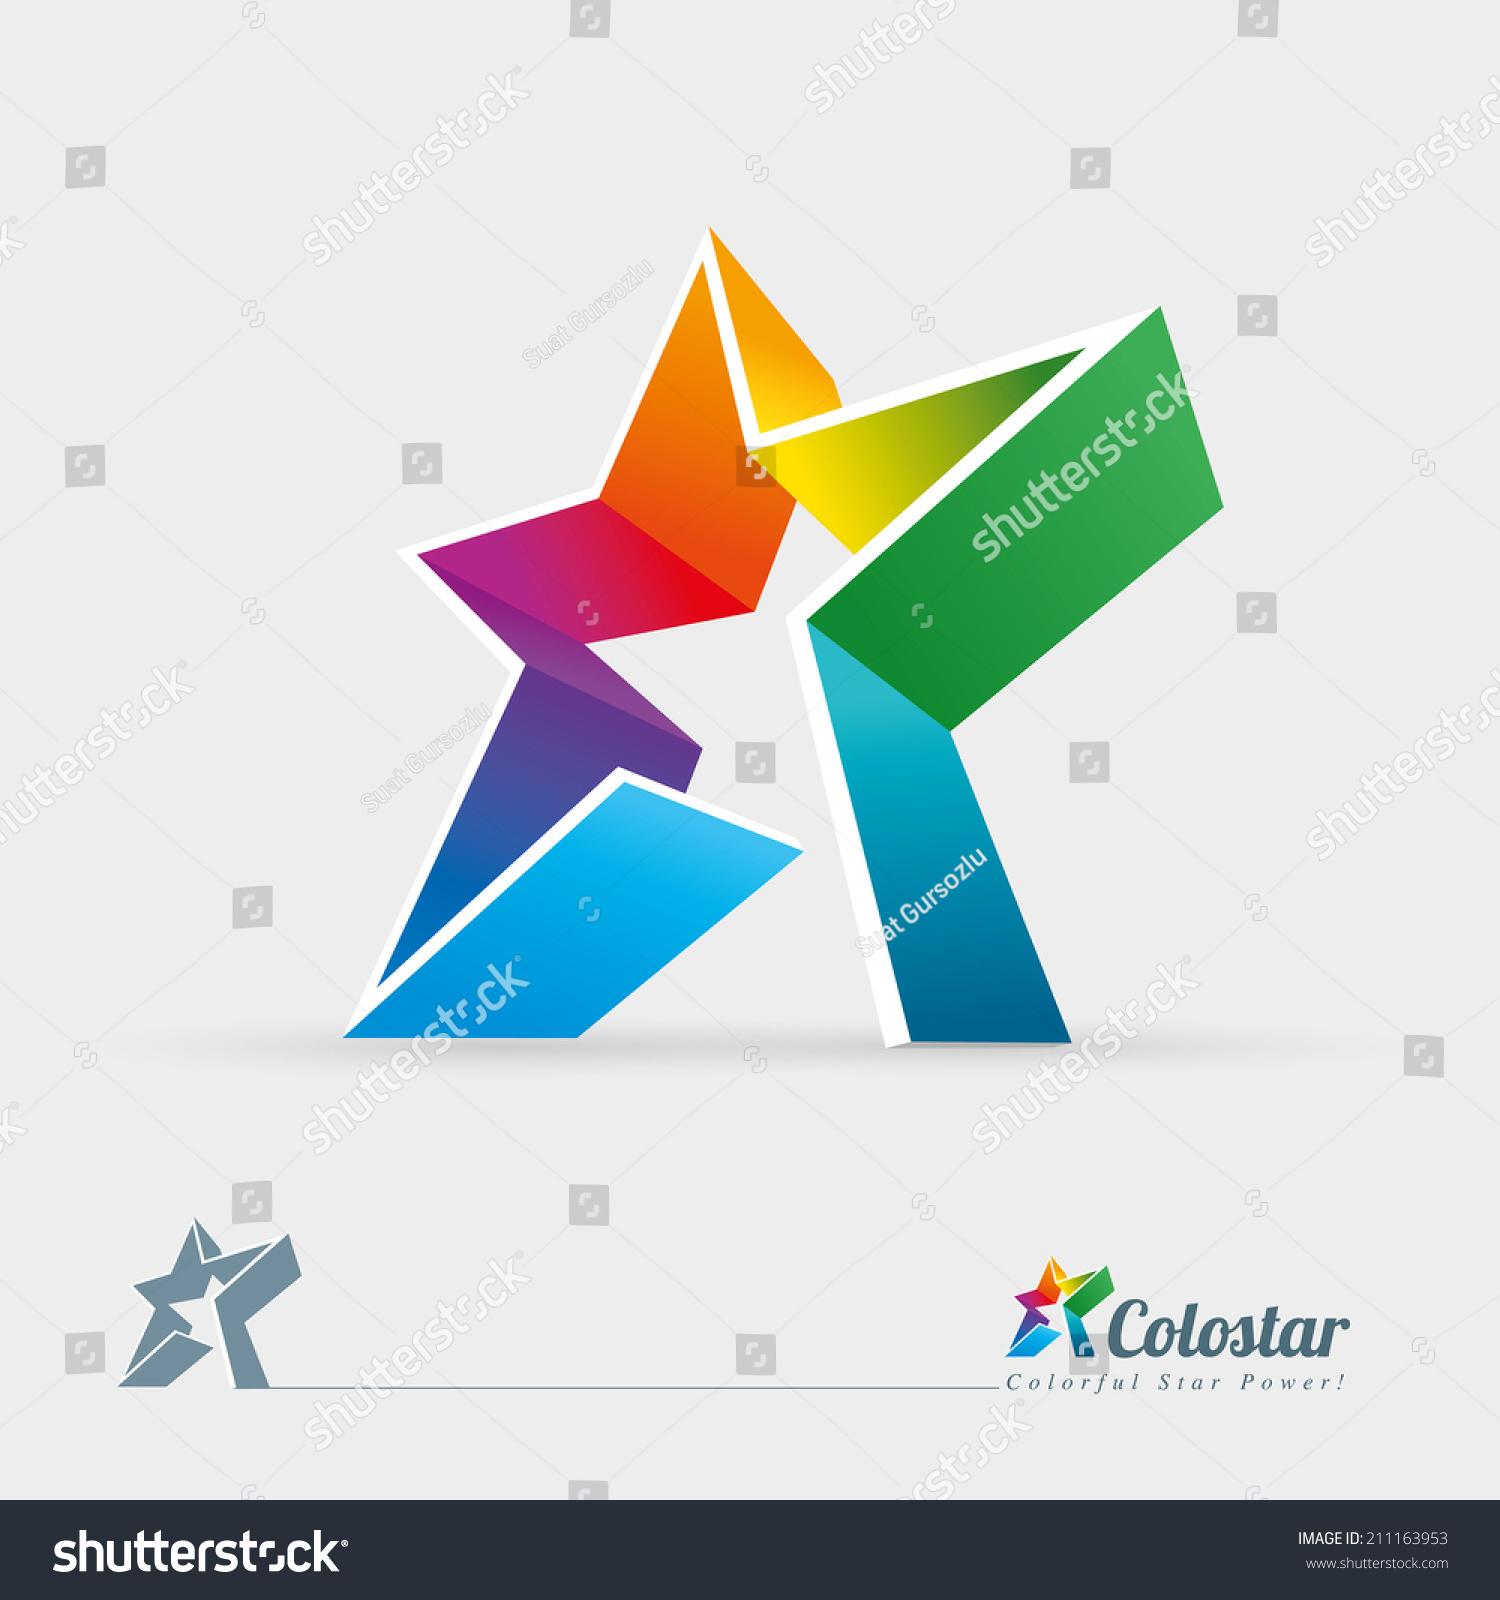 vector 3d colorful star logo design stock vector 211163953